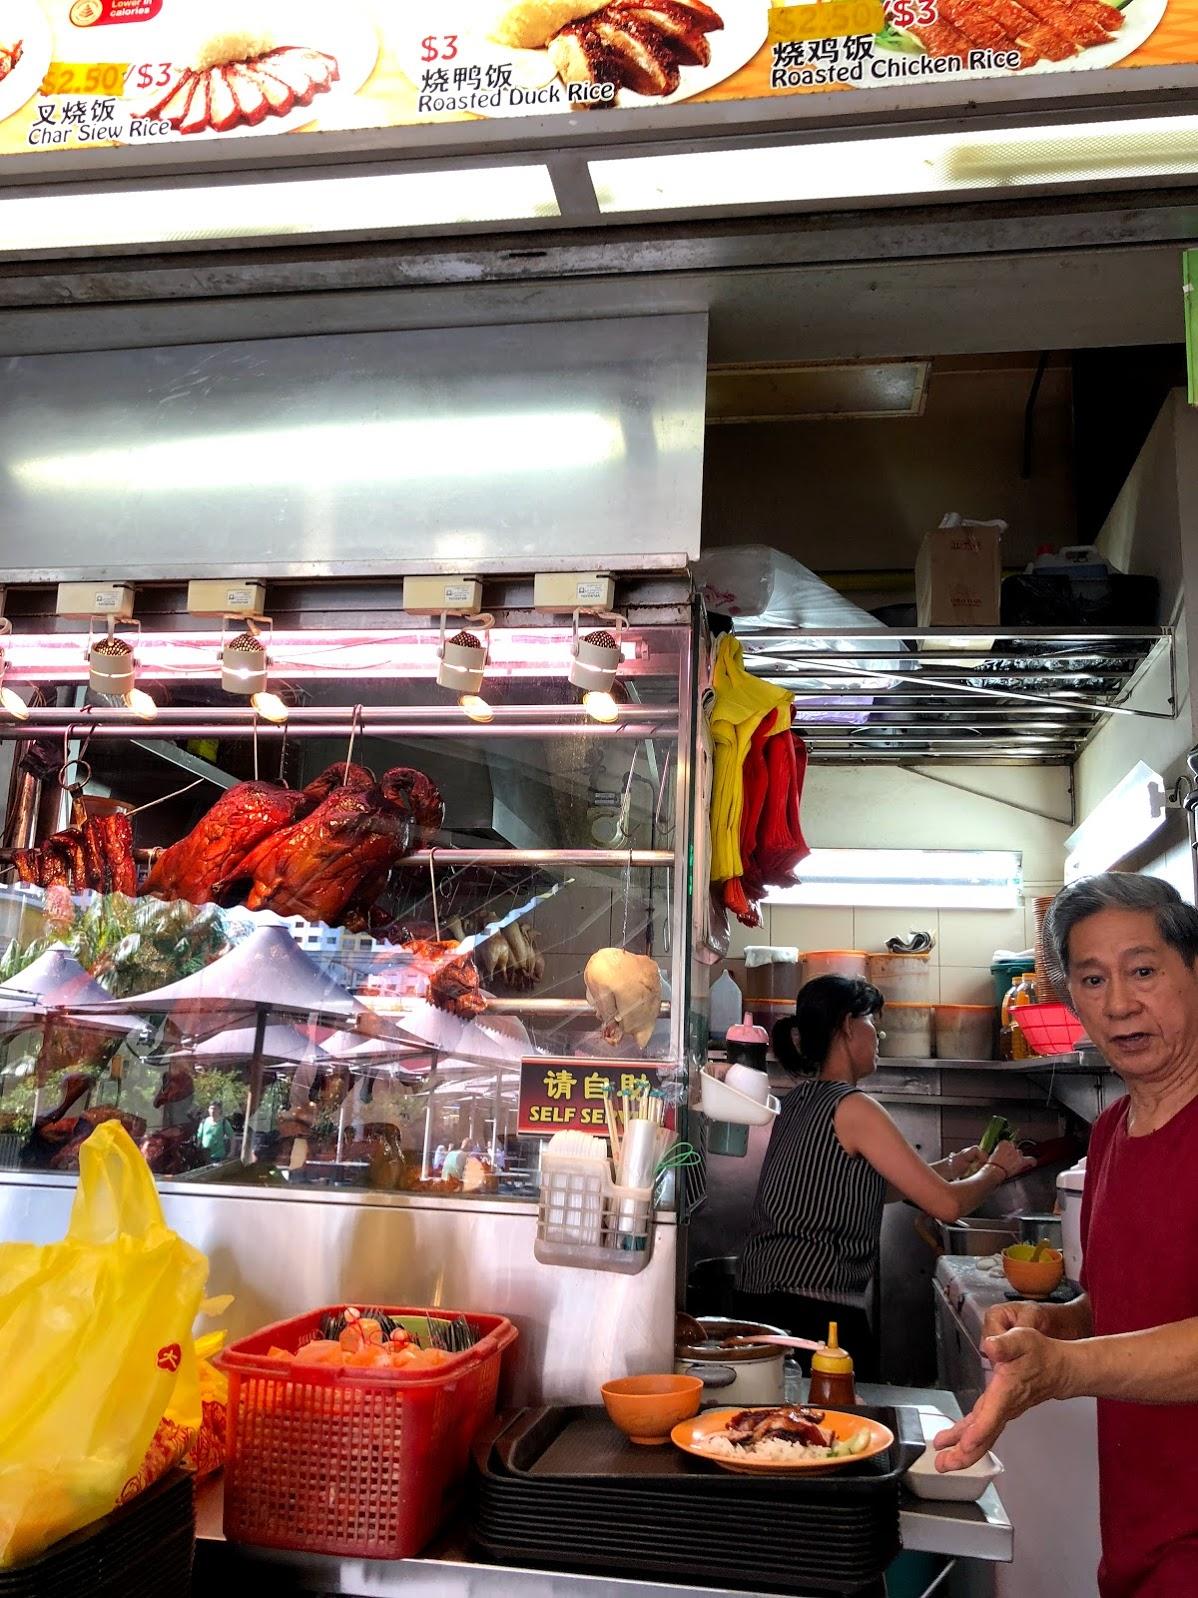 Una tienda en un vendedor hawker donde compre un plato de cerdo asado.